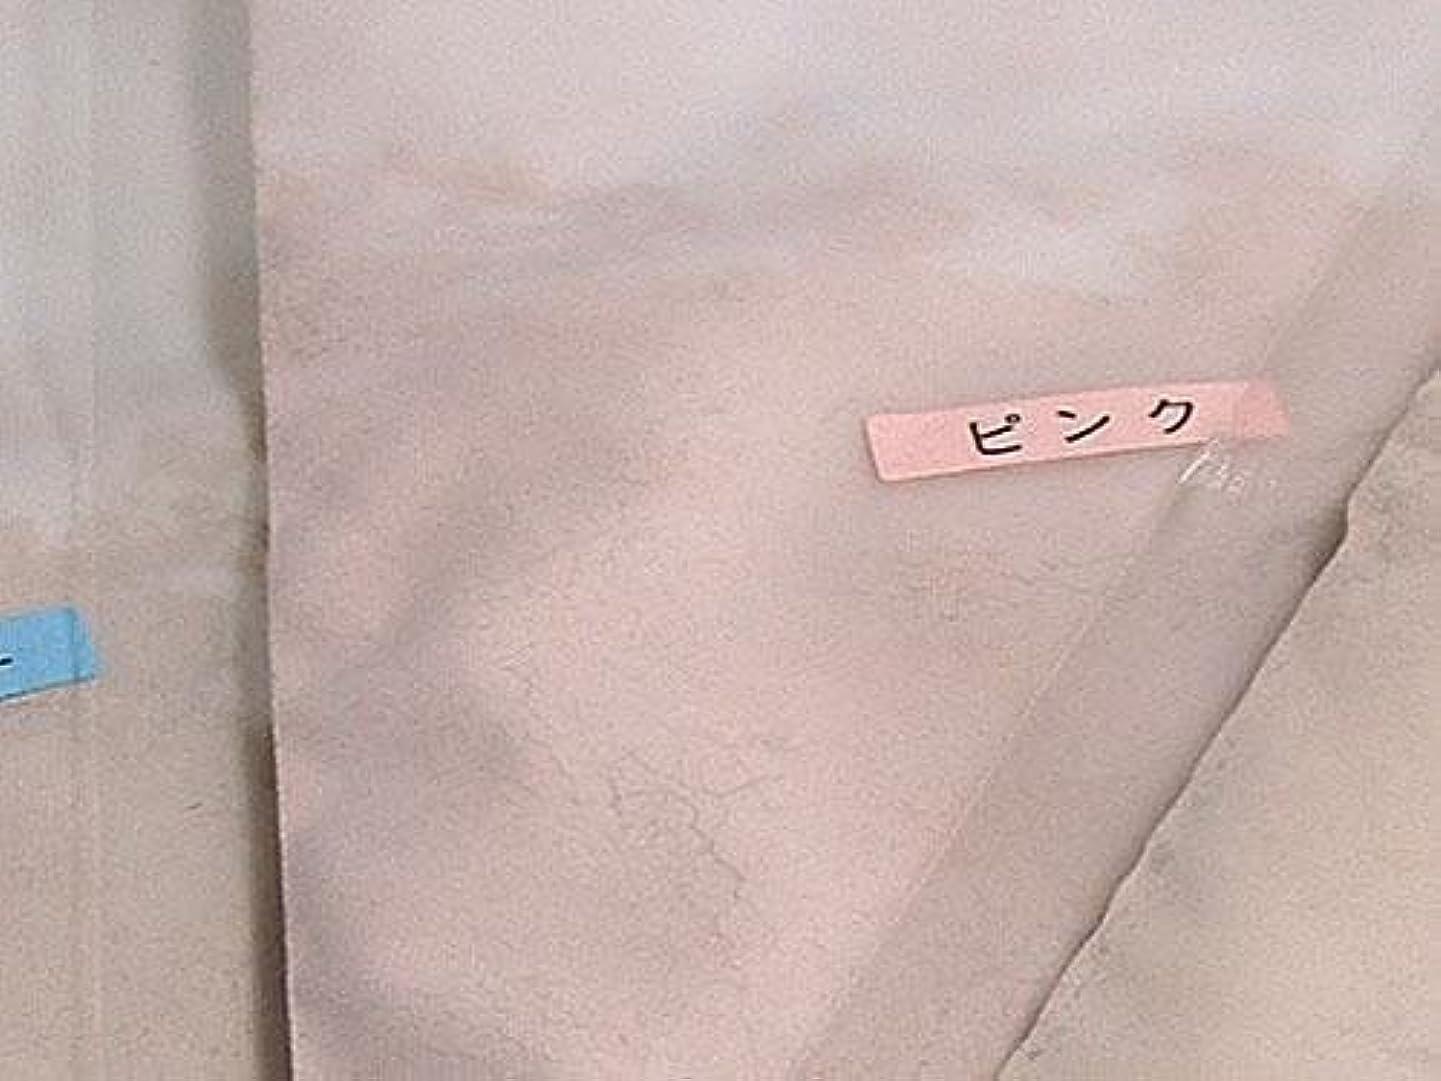 キャンセル地質学失効薫寿堂のお香制作セット お香パウダー ピンク 単品